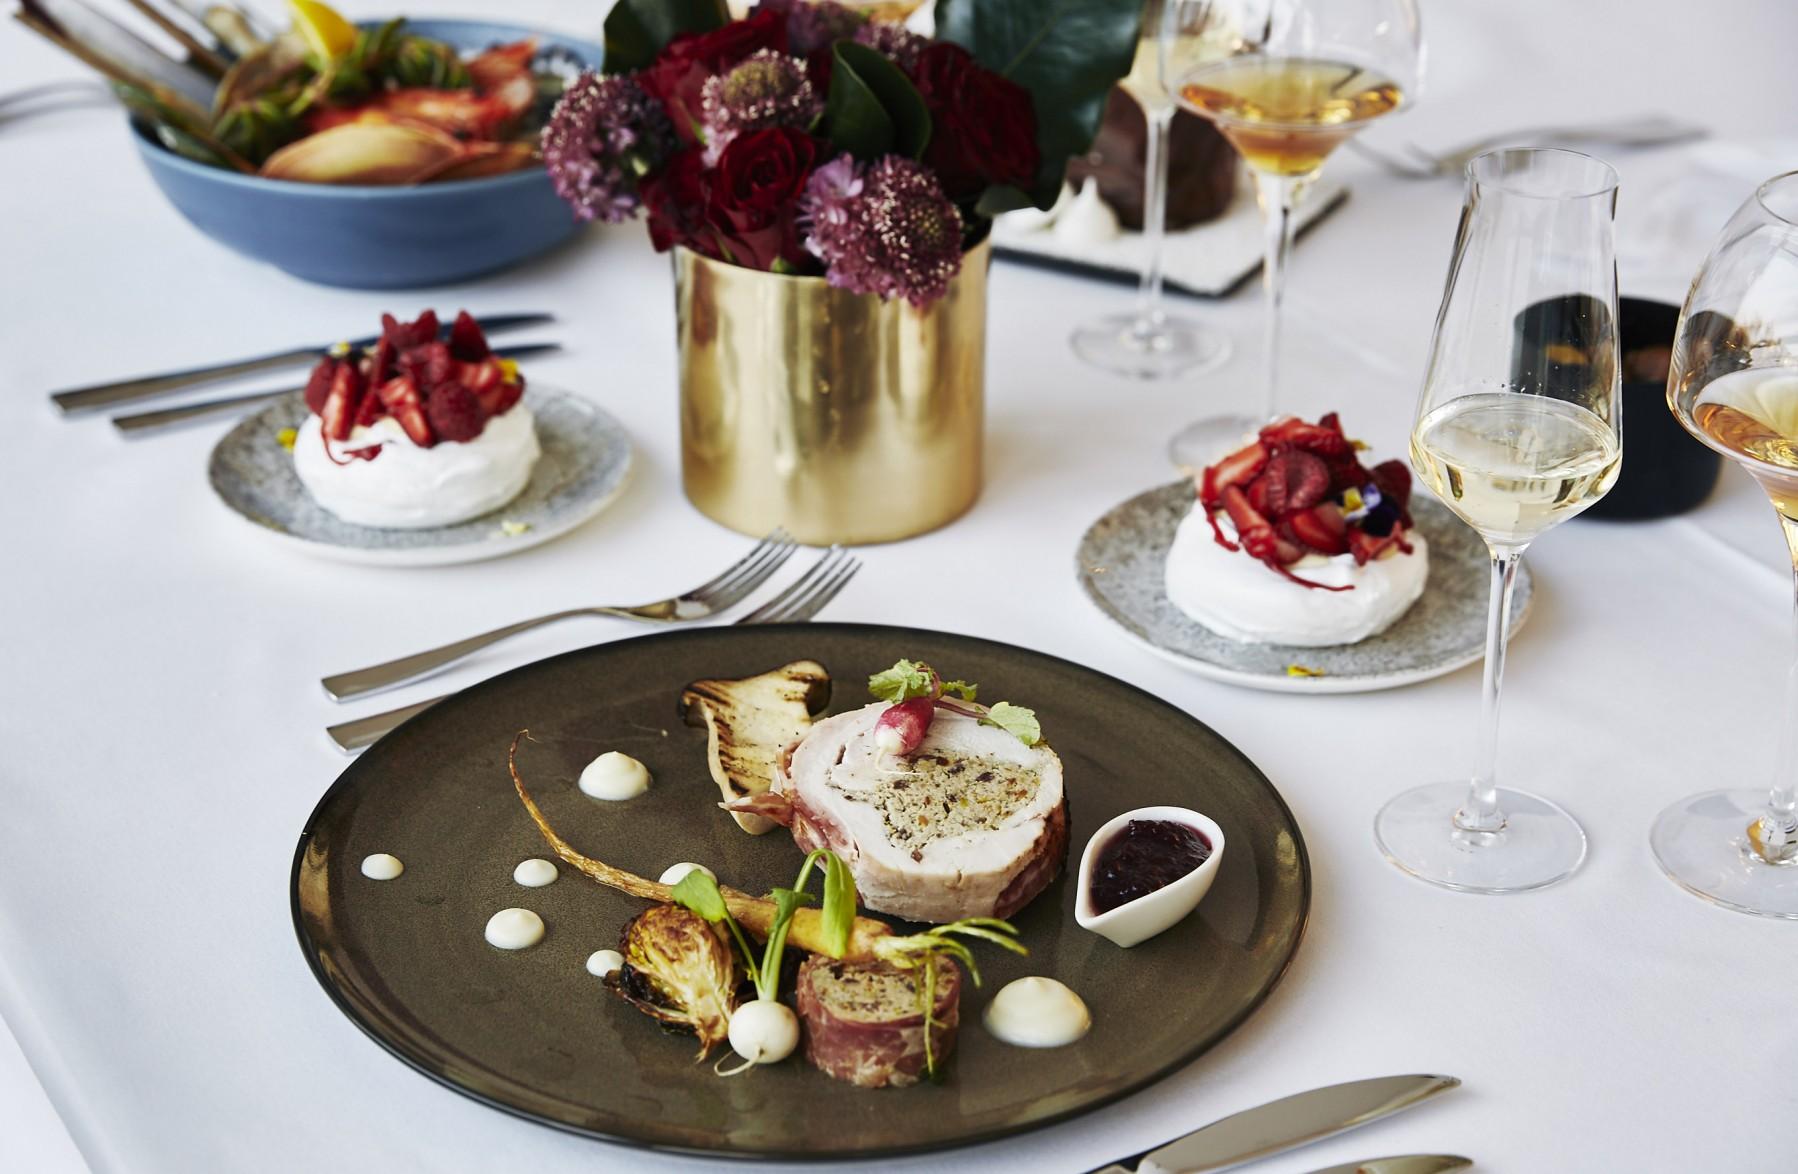 Sofitel-Sydney-Darling-Harbour-Culinary-1b.jpg